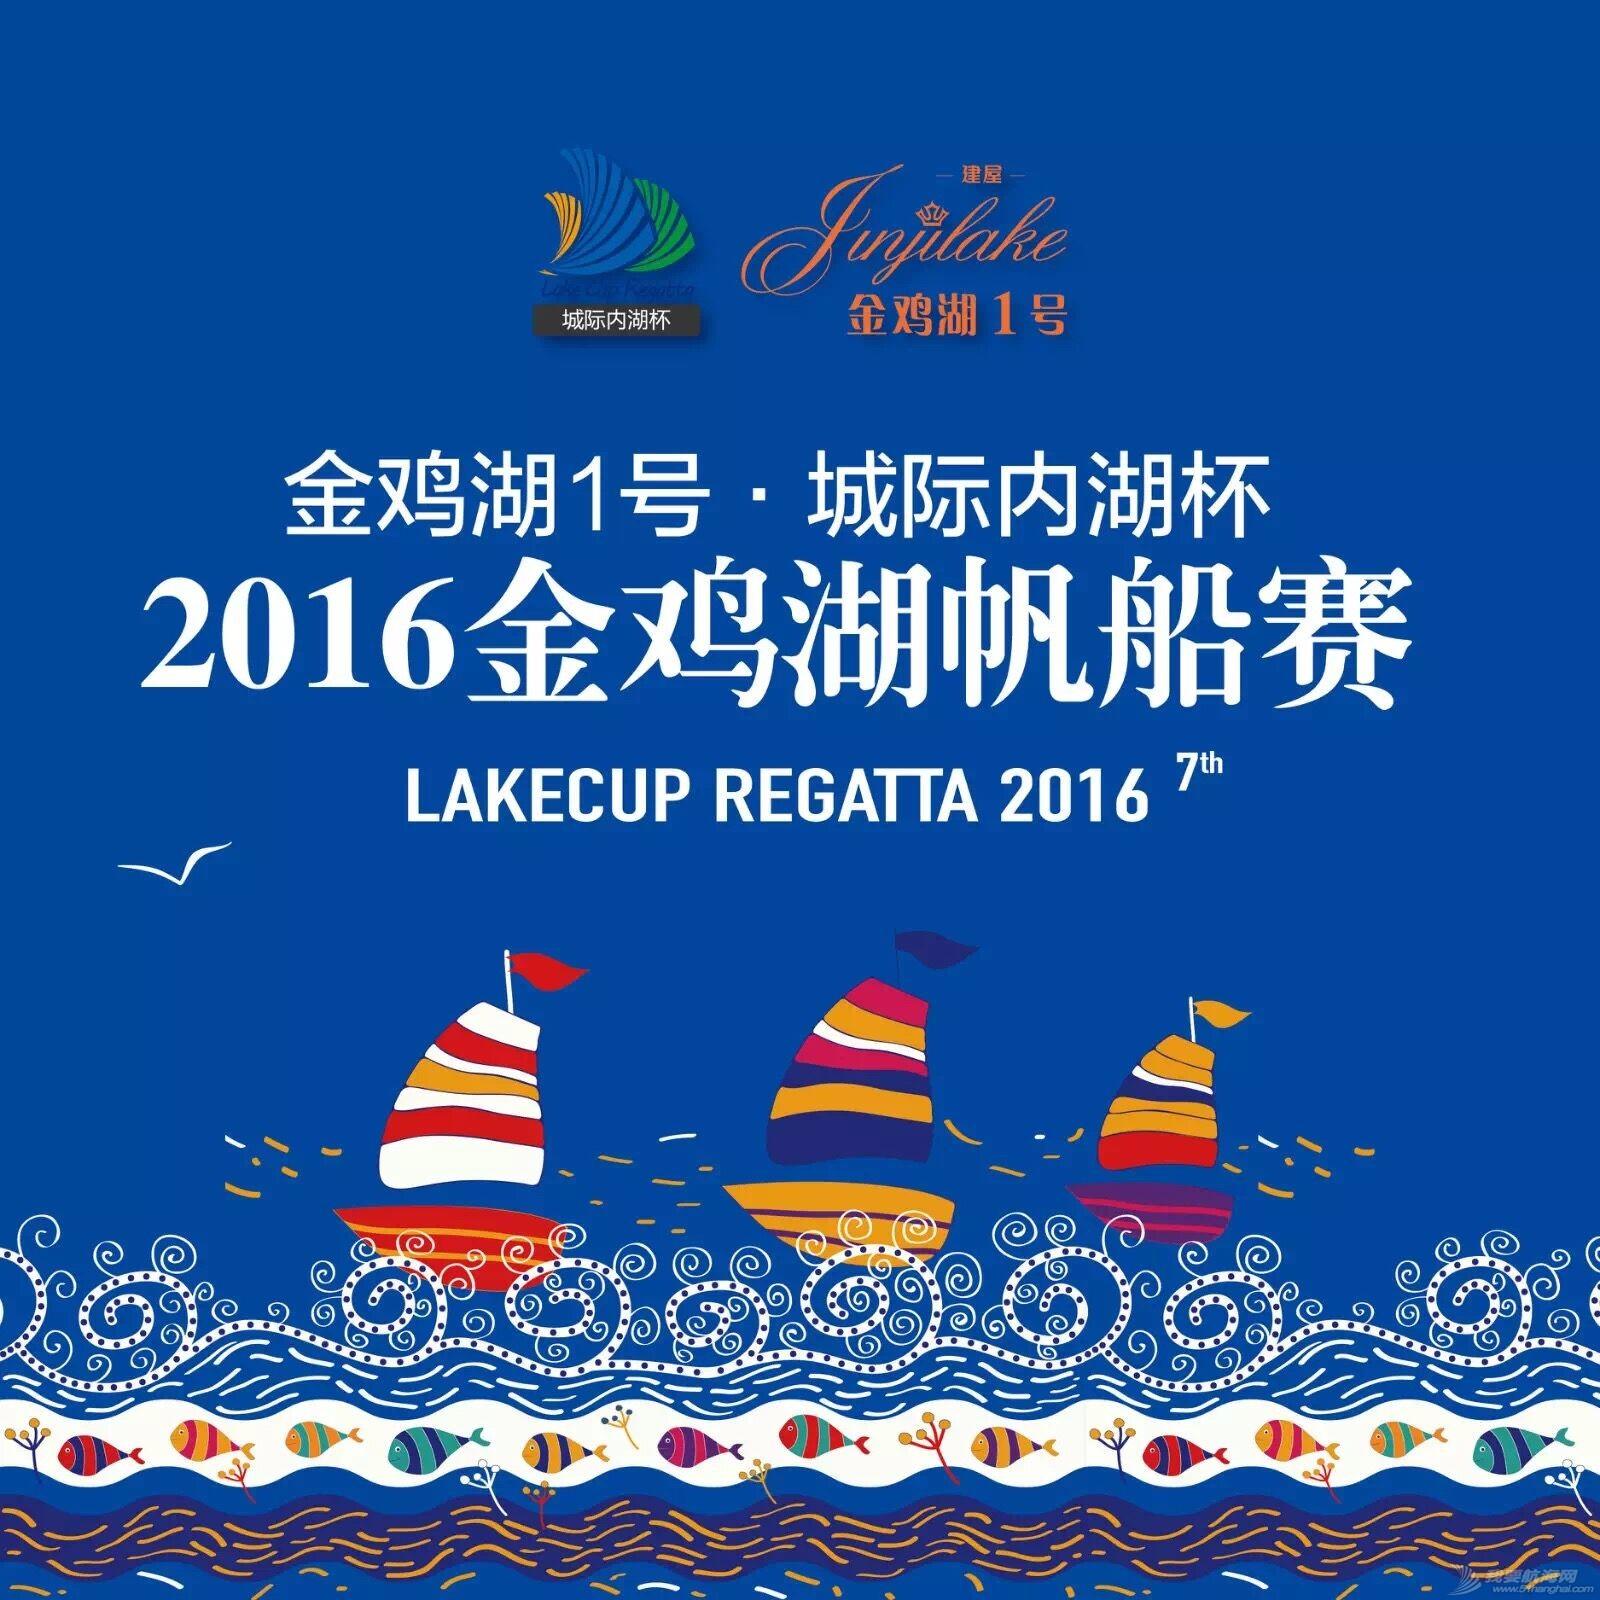 金鸡,公告 金鸡湖1号•城际内湖杯2016金鸡湖帆船赛公告 閲戦浮婀